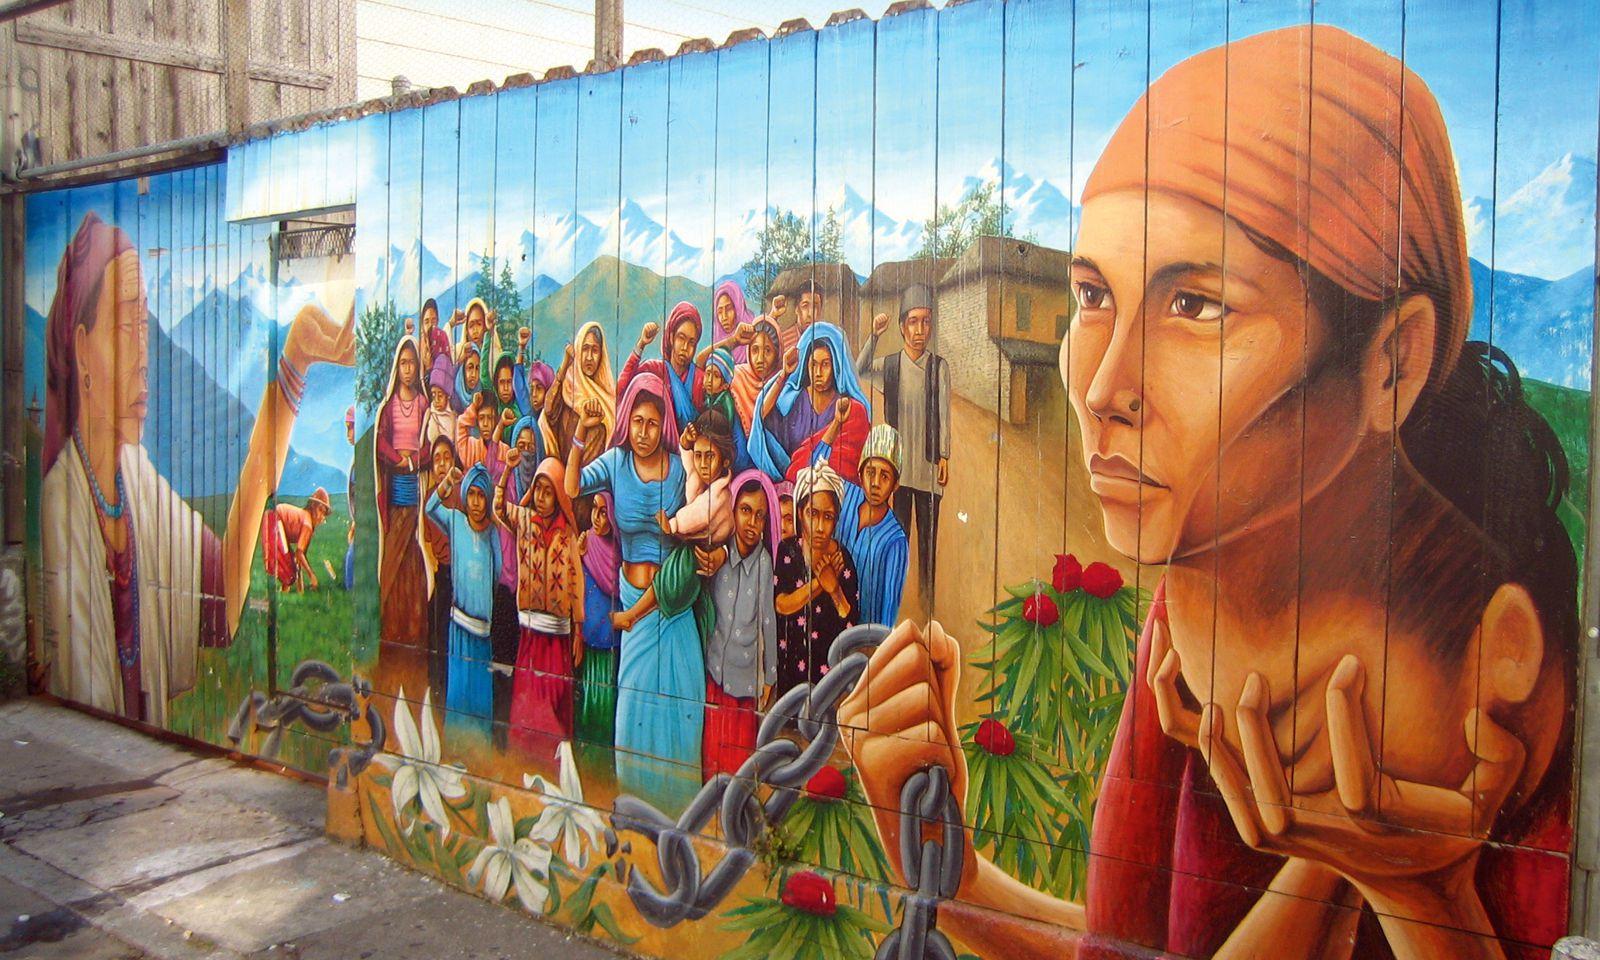 Verdrängung. Murals erzählen auch die Geschichte der Gentrifizierung.